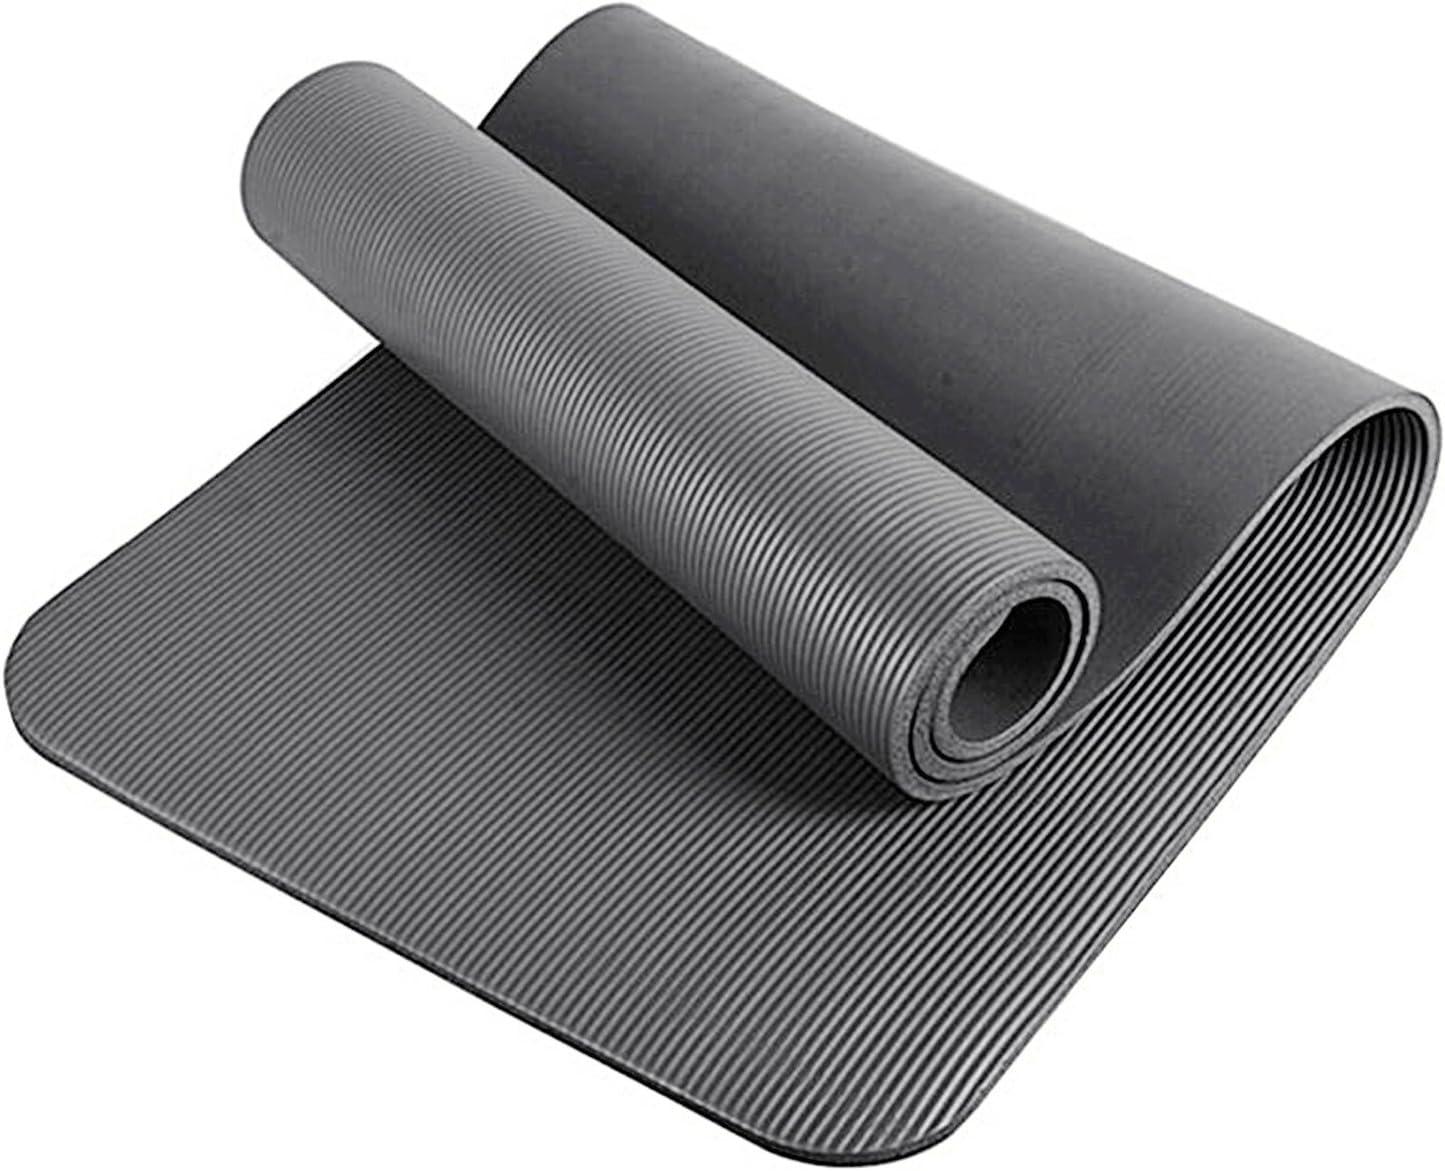 Glamexx24 Tapis de Fitness XXL Tapis de Yoga Tapis de Gymnastique Pilates Extra /épais et Doux id/éal pour Le Pilates la Gymnastique et Le Yoga